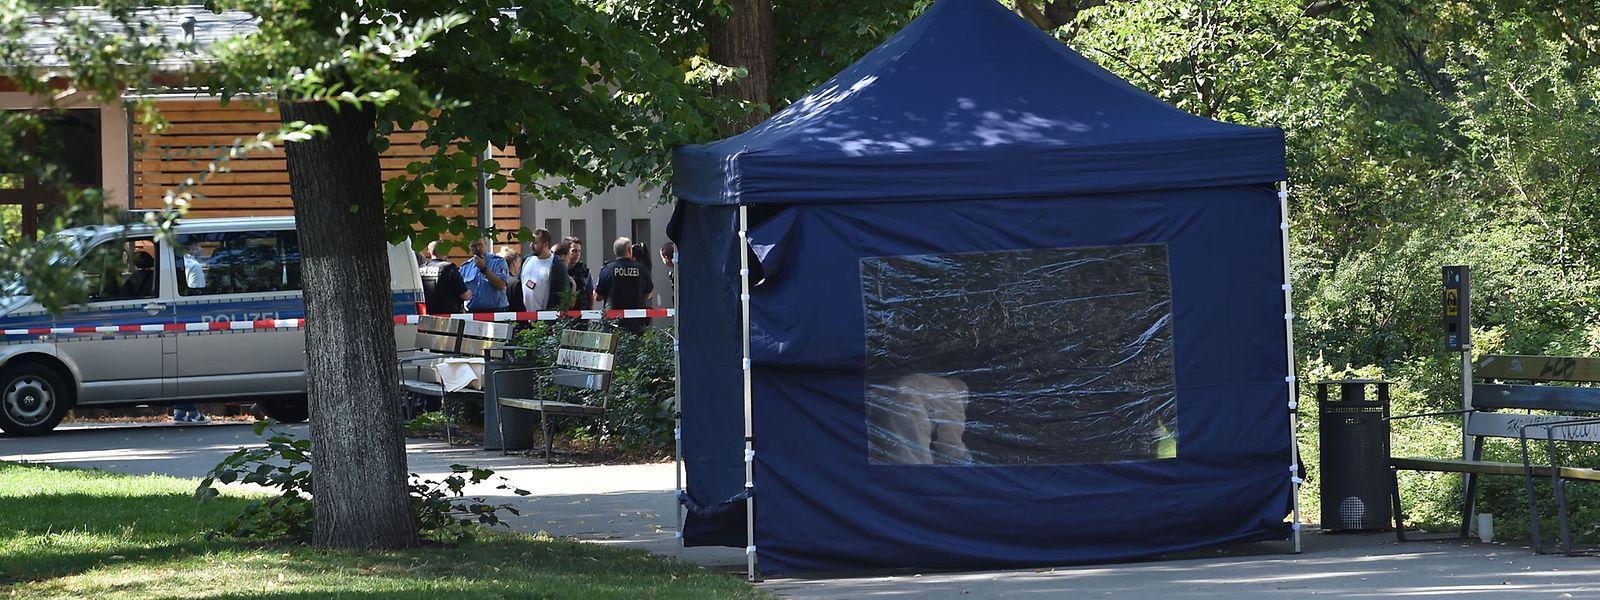 Beamte der Spurensicherung sichern in einem Faltpavillon Spuren am Tatort. Gut drei Monate nach dem Mord an einem Tschetschenen in Berlin will der Generalbundesanwalt die Ermittlungen an sich ziehen.